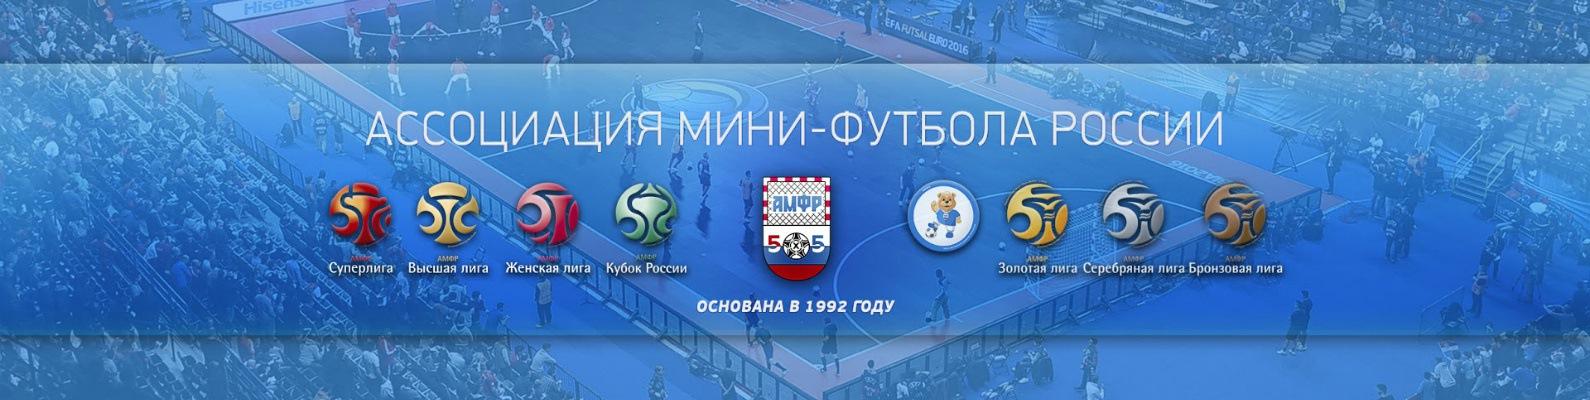 Ассоциация мини футбола россии [PUNIQRANDLINE-(au-dating-names.txt) 27